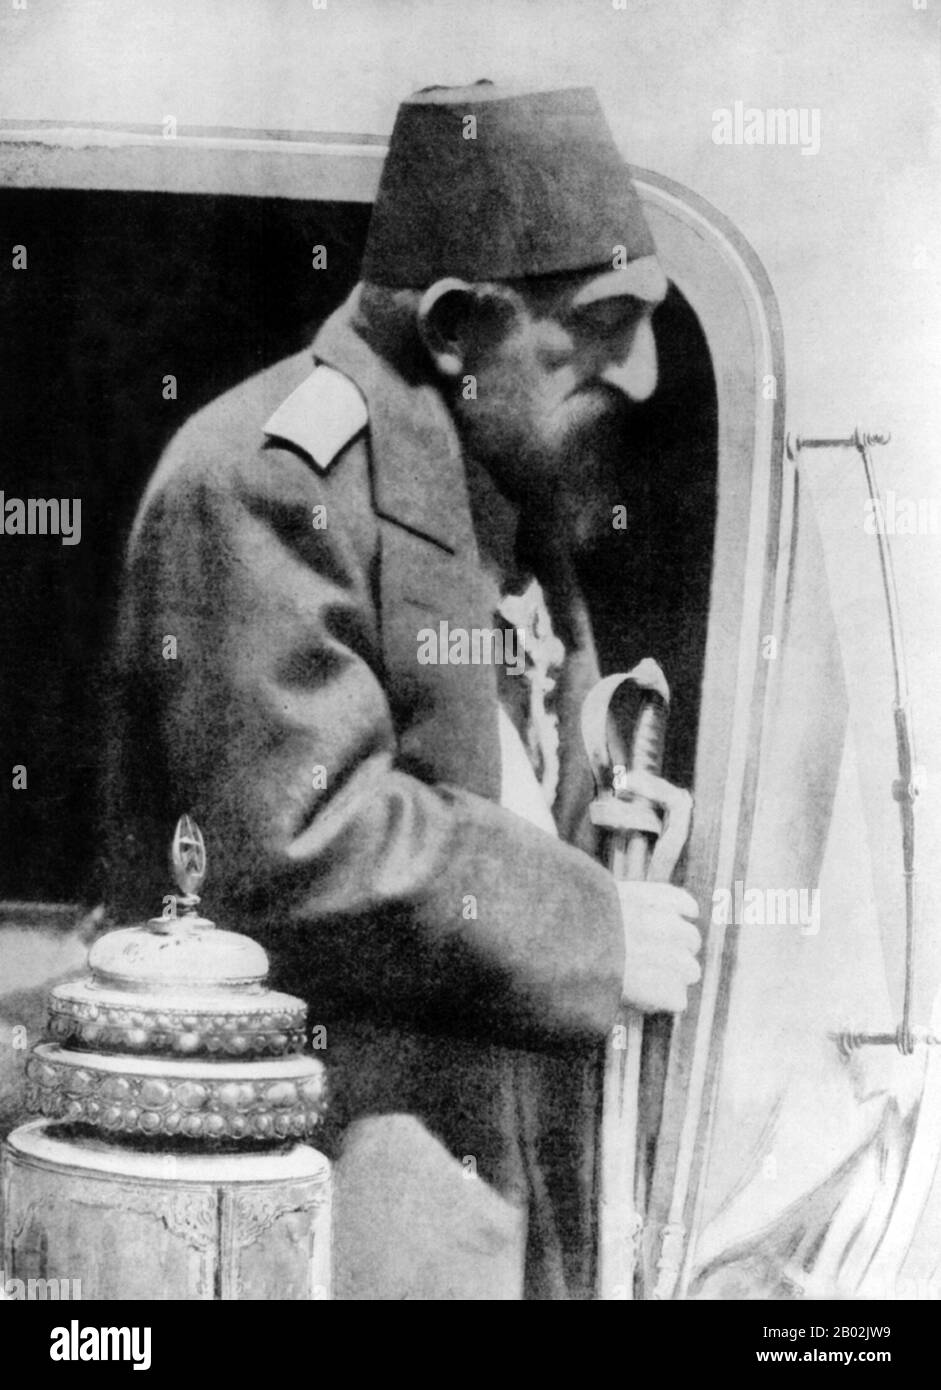 Abdul Hamid II (turco otomano: عبد الحميد ثانی, 'Abdü'l-Ḥamīd-i sânî; turco: İkinci Abdülhamit; 22 de septiembre de 1842 – 10 de febrero de 1918) fue el 34º Sultán del Imperio Otomano y el último Sultán que ejercía un control autocrático efectivo sobre el estado fracturado. Supervisó un período de decadencia en el poder y la extensión del Imperio, incluyendo pogromos generalizados y masacres del gobierno contra las minorías del Imperio (llamadas las masacres de los Hamidianos después de él), así como un intento de asesinato, Gobernando desde el 31 de agosto de 1876 hasta que fue depuesto poco después de la Revolución de los jóvenes Turcos de 1908, en adelante Foto de stock